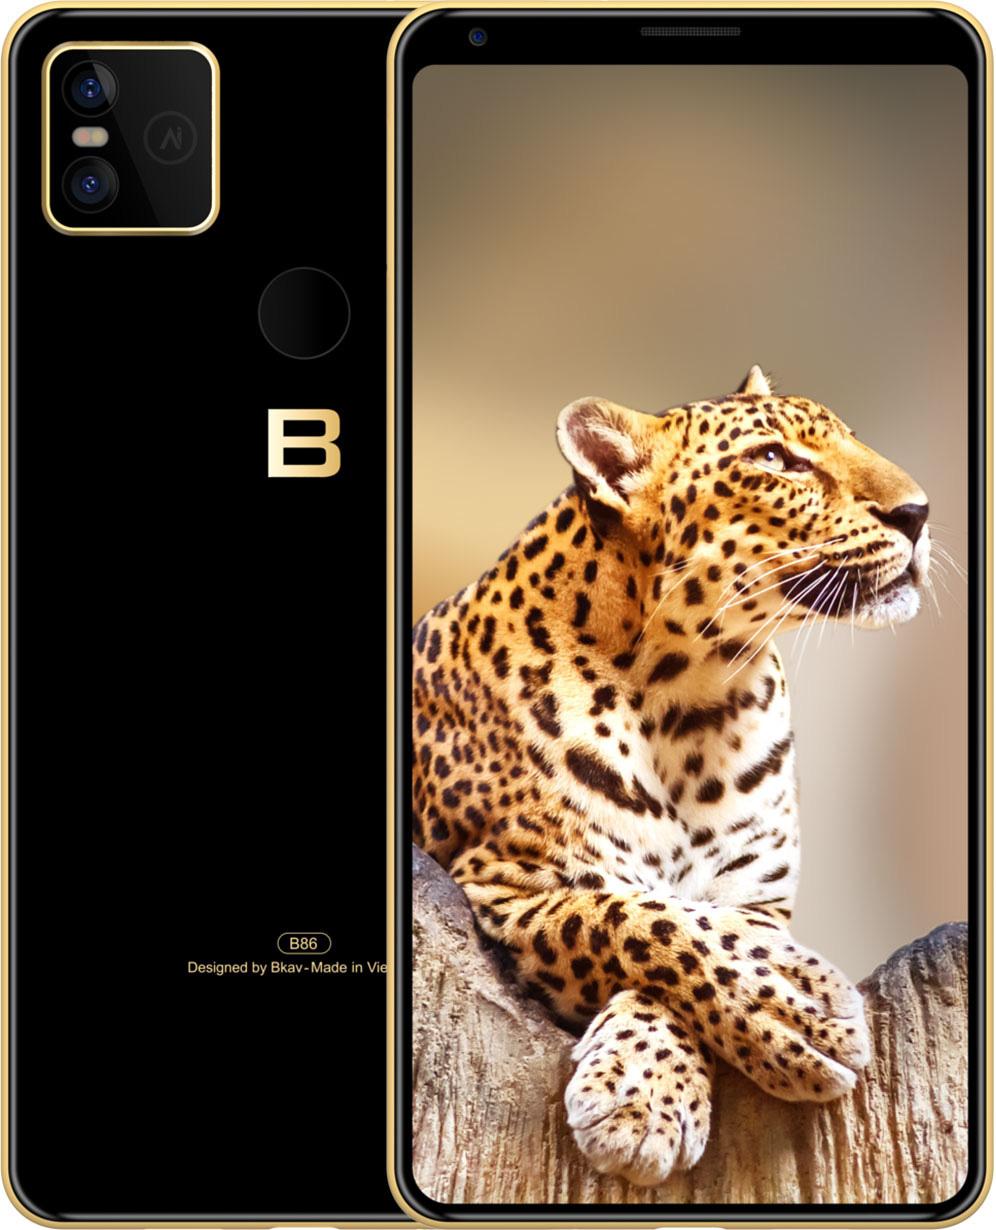 Bkav ra mắt 4 phiên bản Bphone mới không có nút bấm vật lý, giữ nguyên thiết kế không cằm, trán cao, giá từ 5,49 triệu - Ảnh 2.